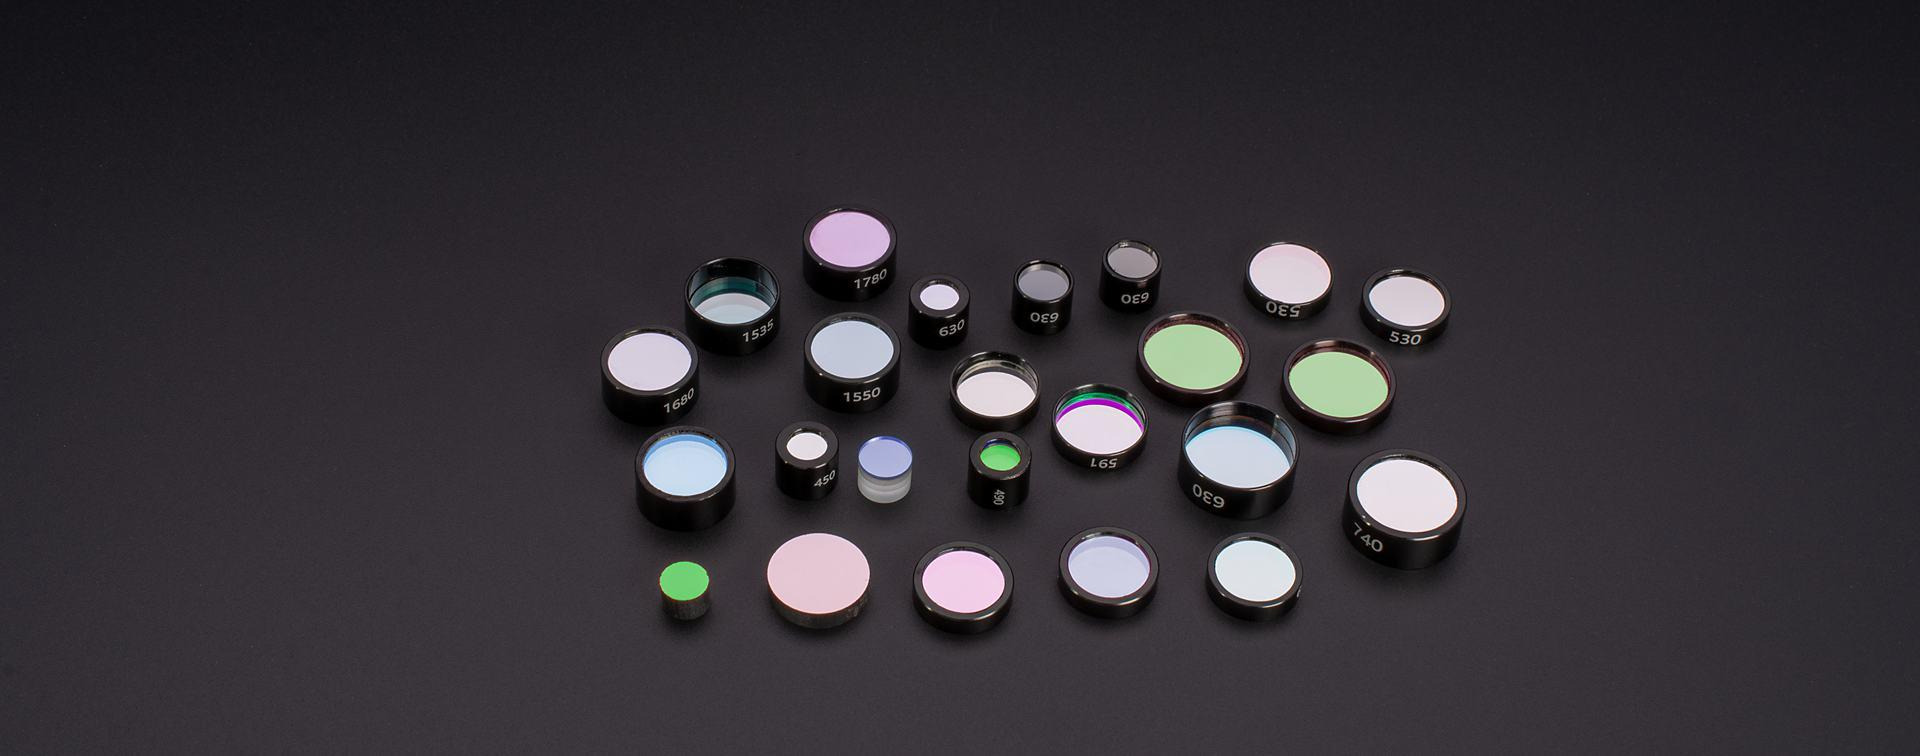 光学滤光片·光学棱镜透镜·光学元器件